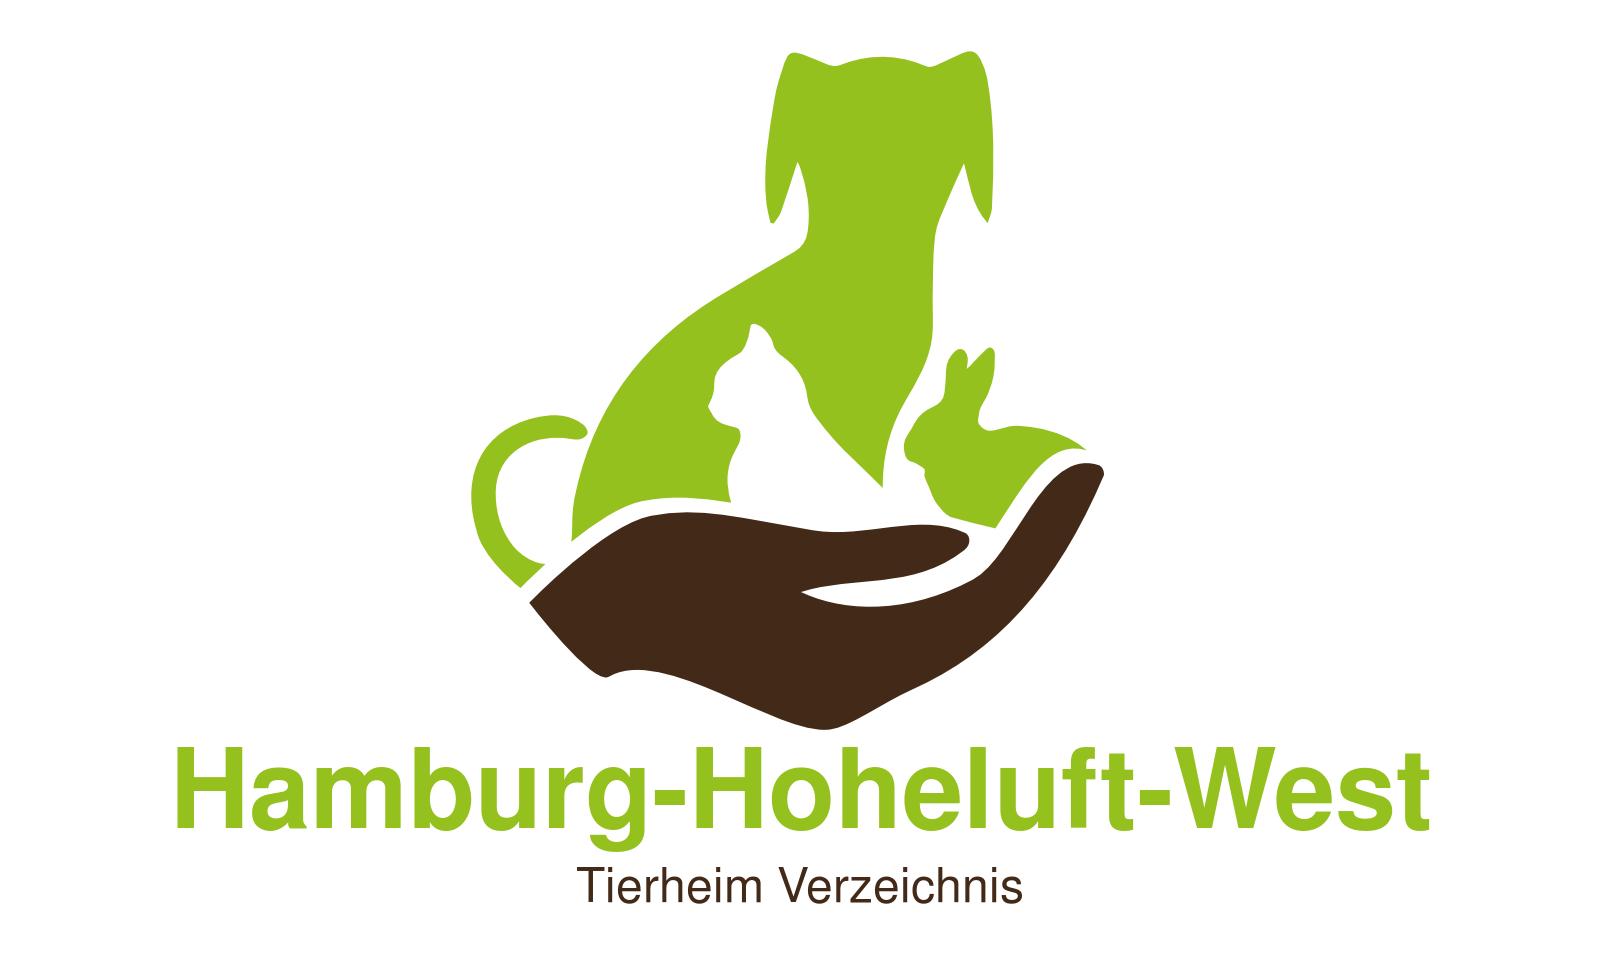 Tierheim Hamburg Hoheluft-West